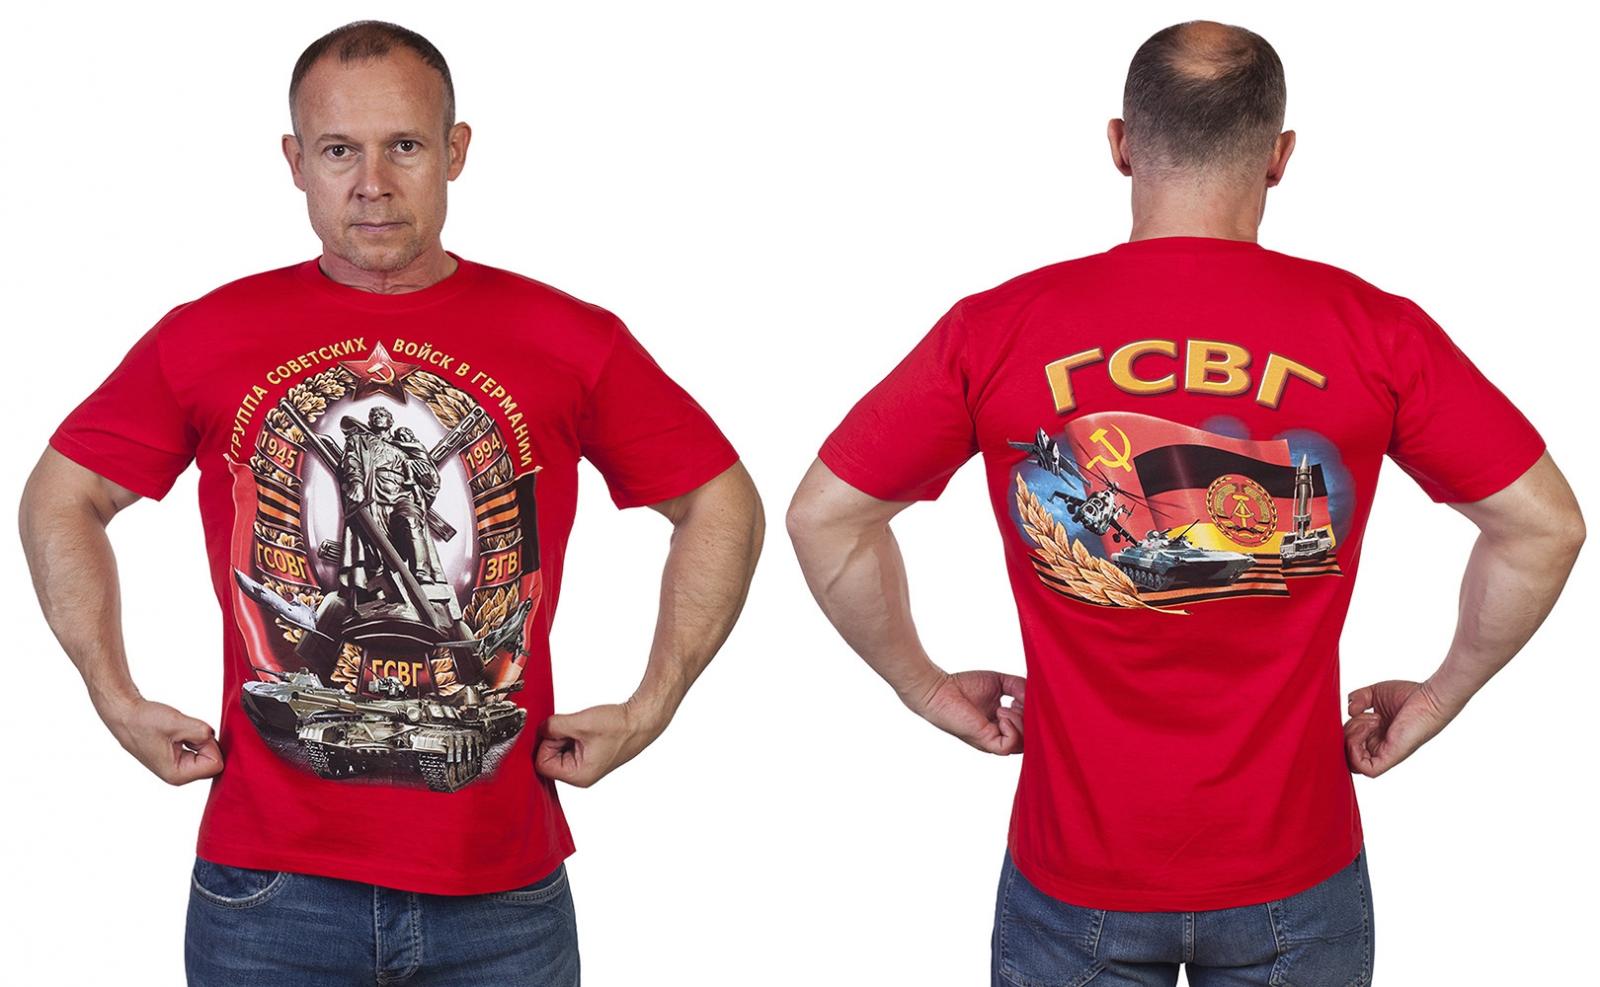 Красная мужская футболка ГСВГ-ЗГВ 1945-1994гг - купить онлайн